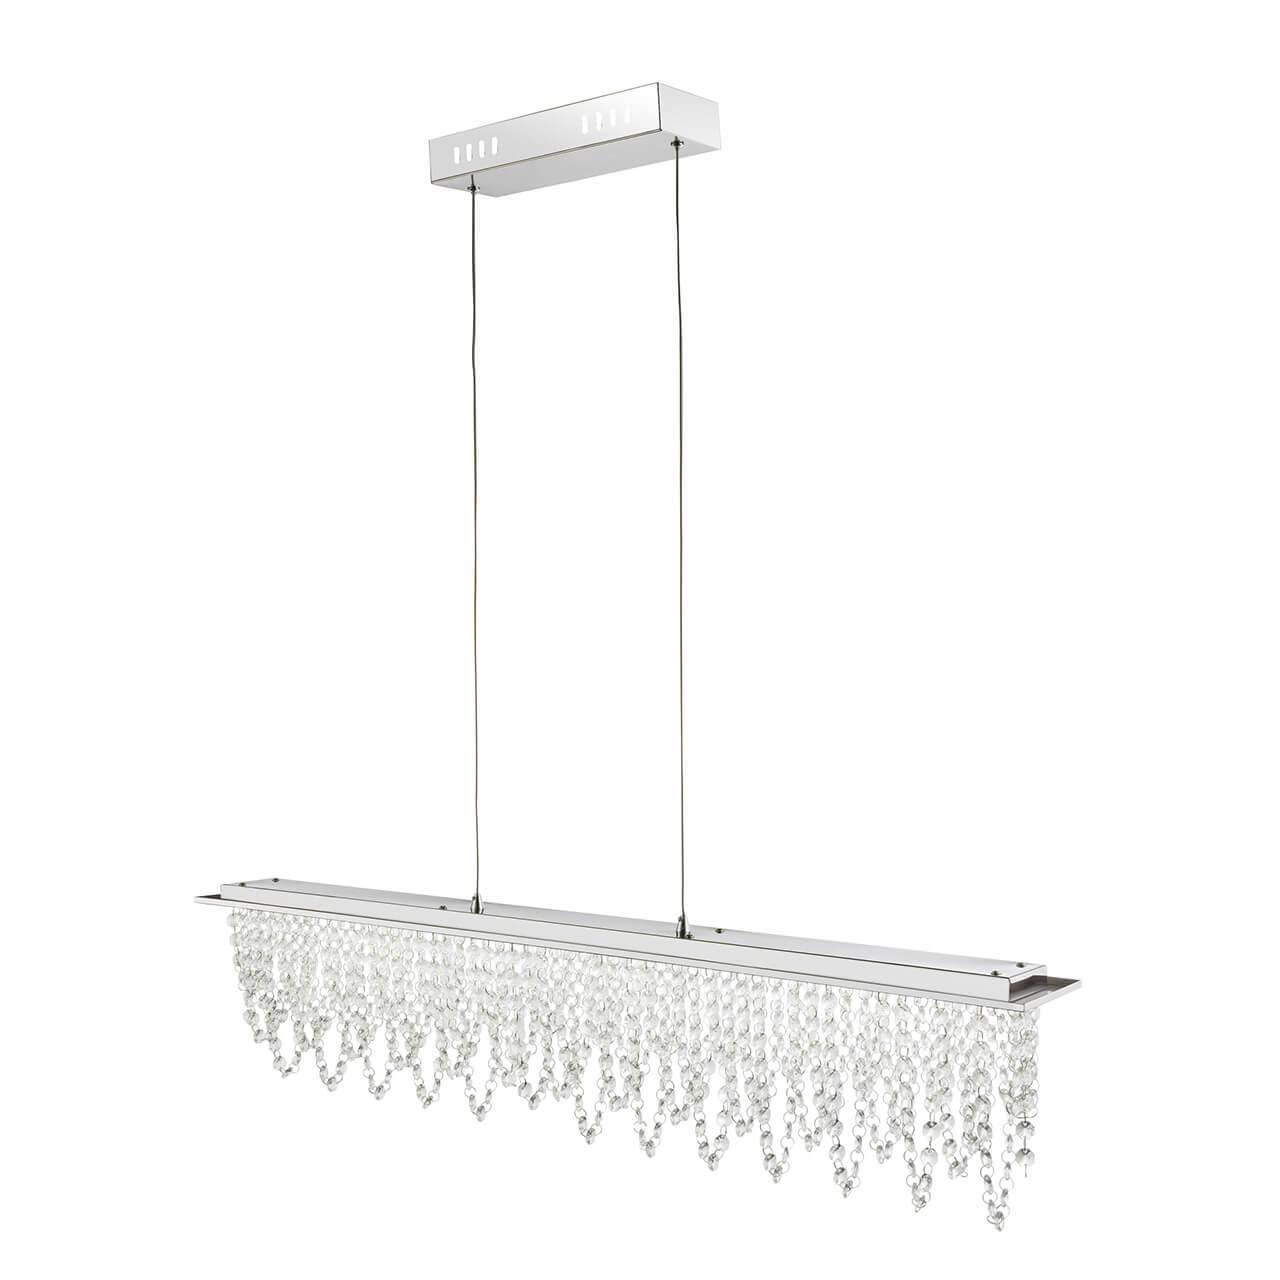 цена на Подвесной светодиодный светильник Globo Scala 68405-24H